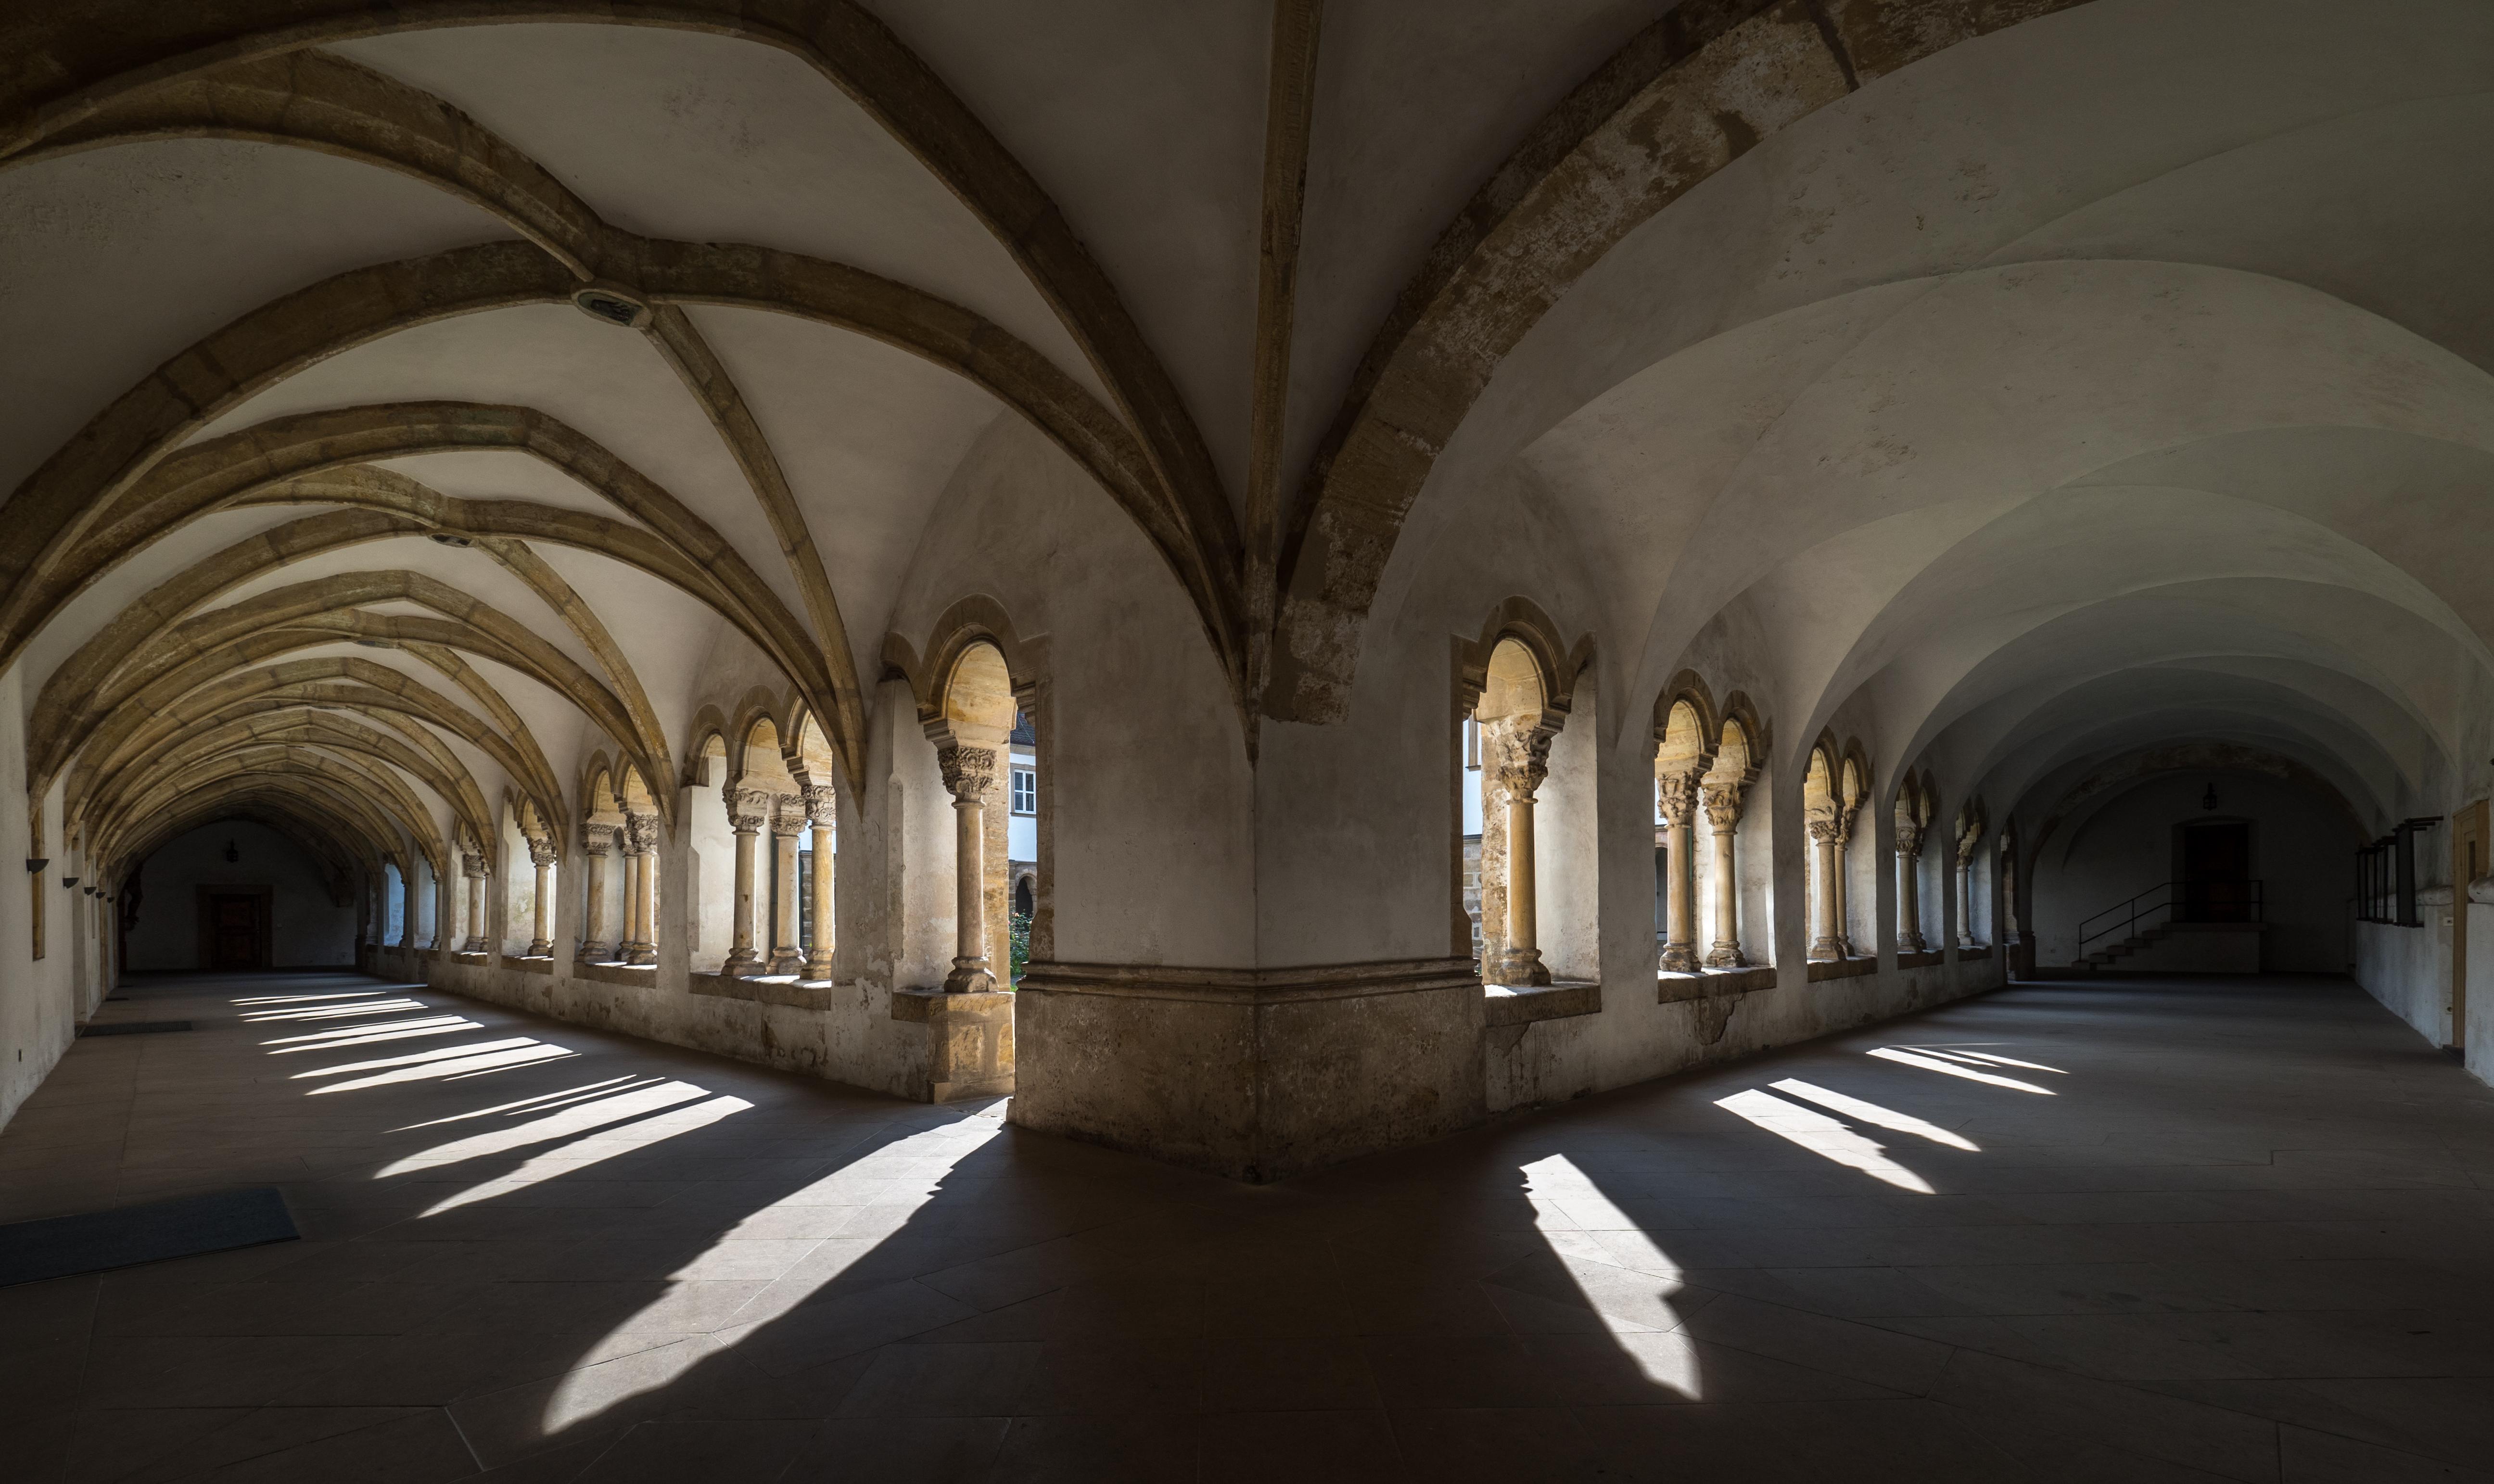 Karmelitenkloster bamberg Kreuzgang 9244355.jpg